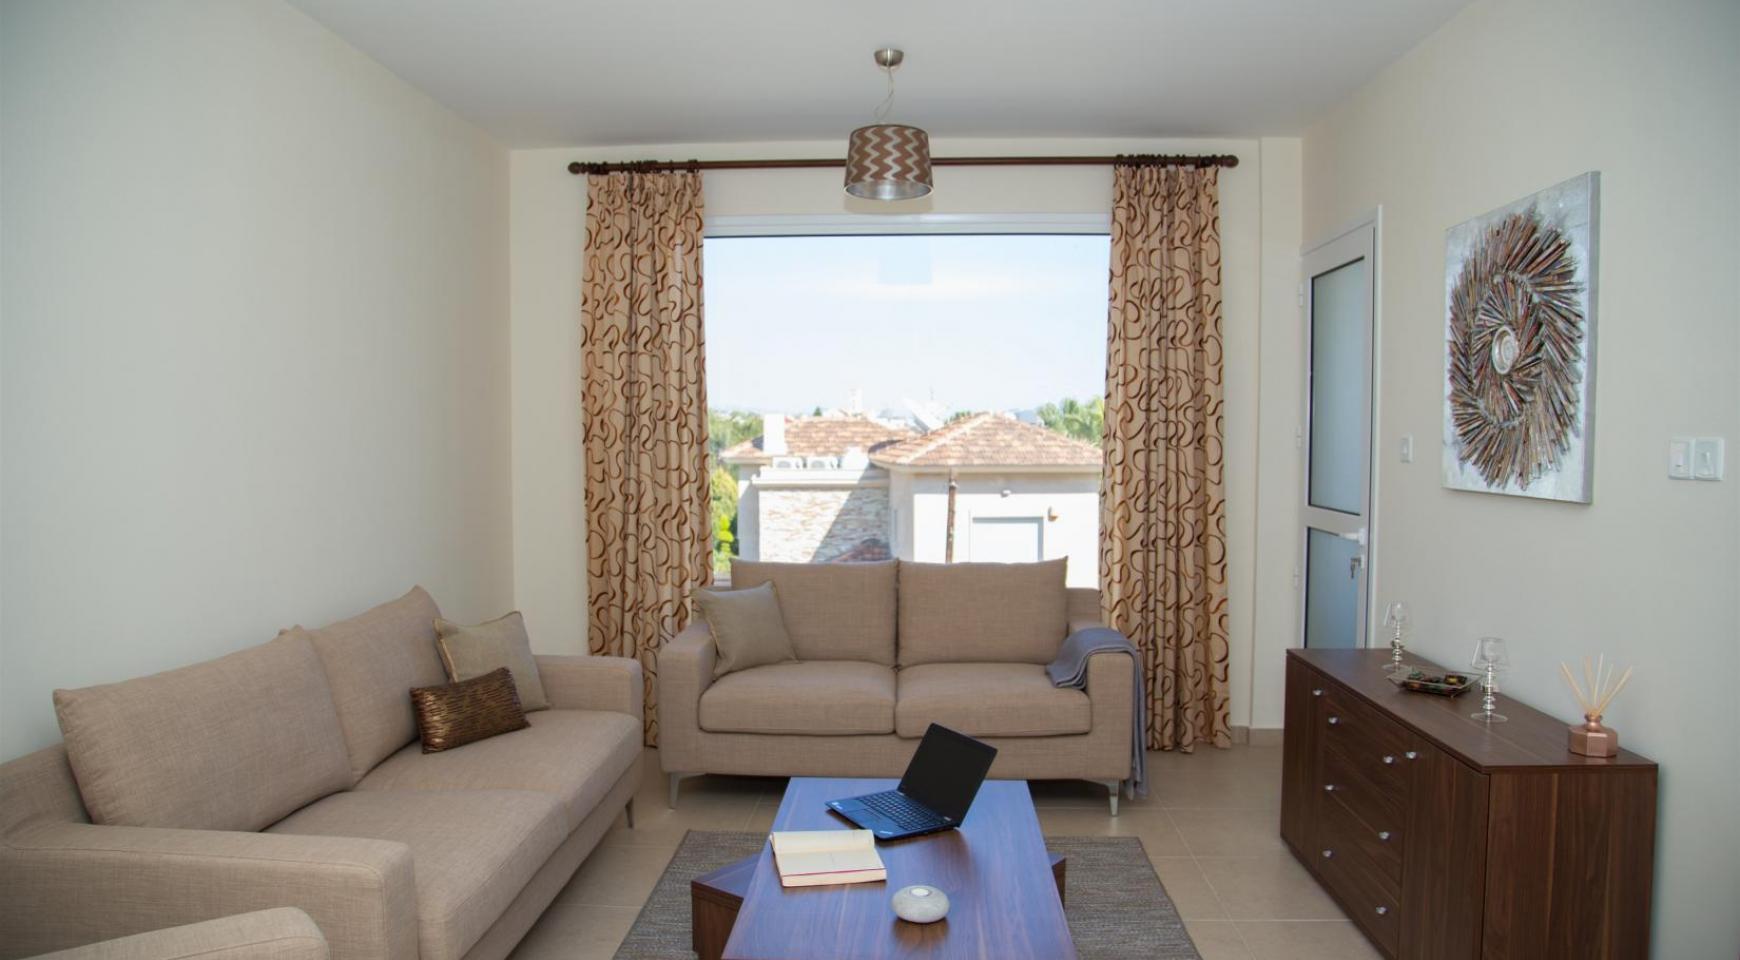 Μοντέρνο διαμέρισμα 2 υπνοδωματίων στην περιοχή Ποταμός Γερμασόγειας - 1